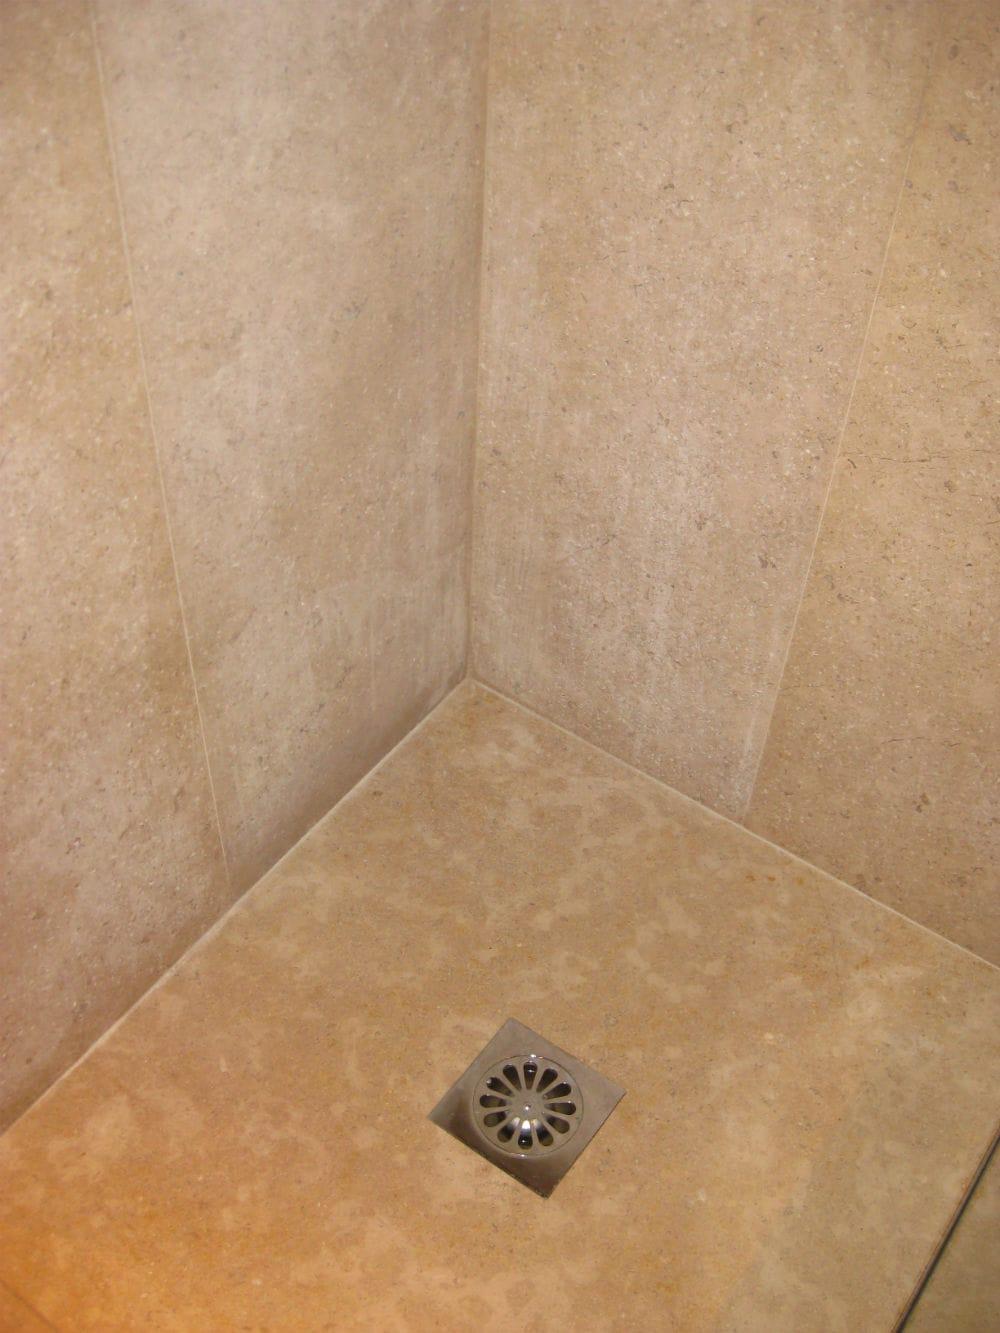 Ensemble de douche en pierre : receveur et carrelage mural.